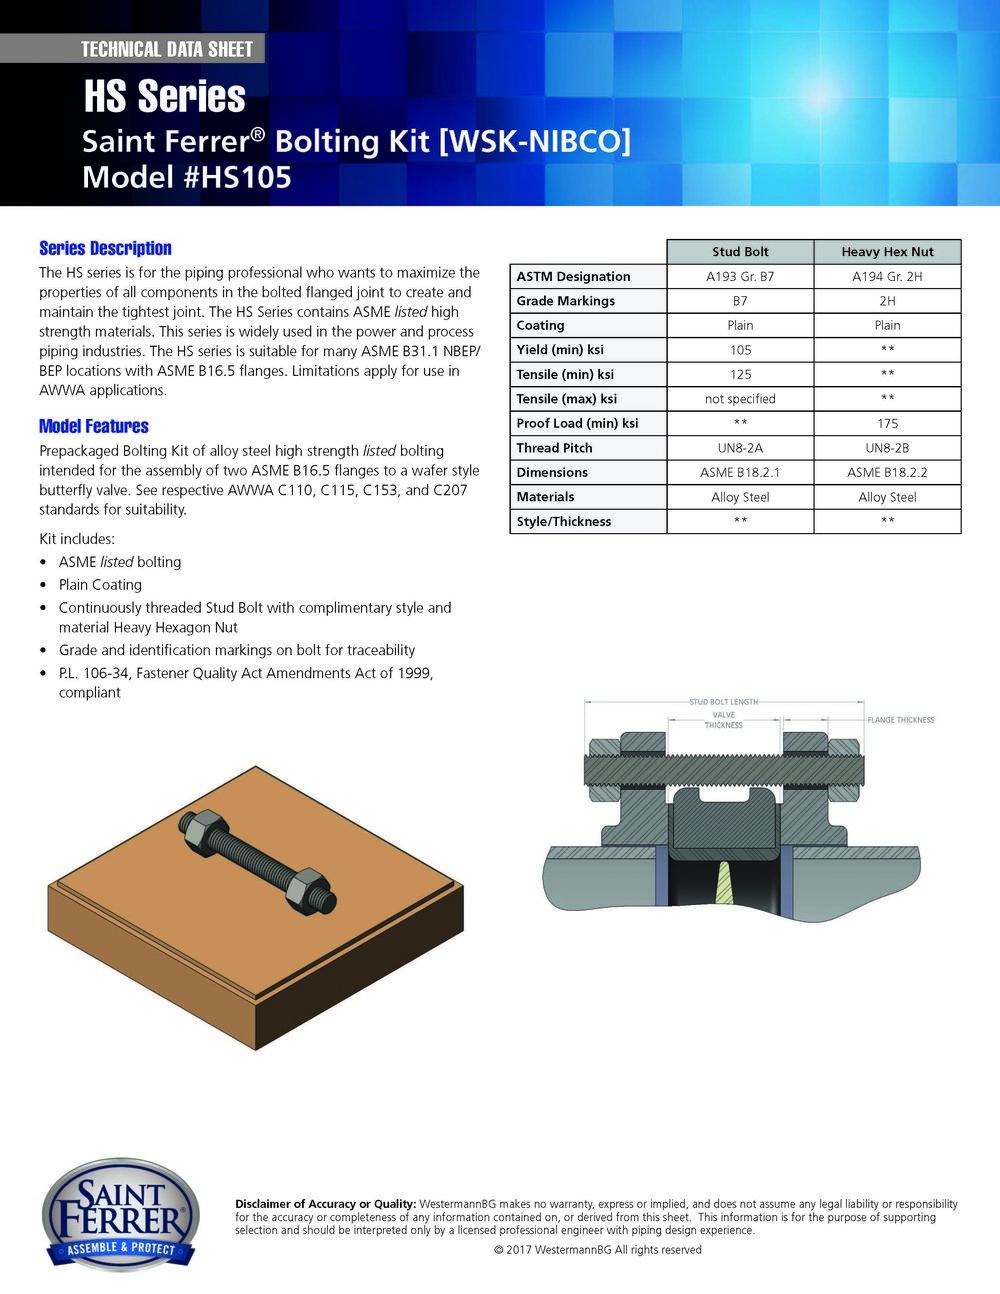 SF_Data_Sheet_HS_Series_HS105.jpg